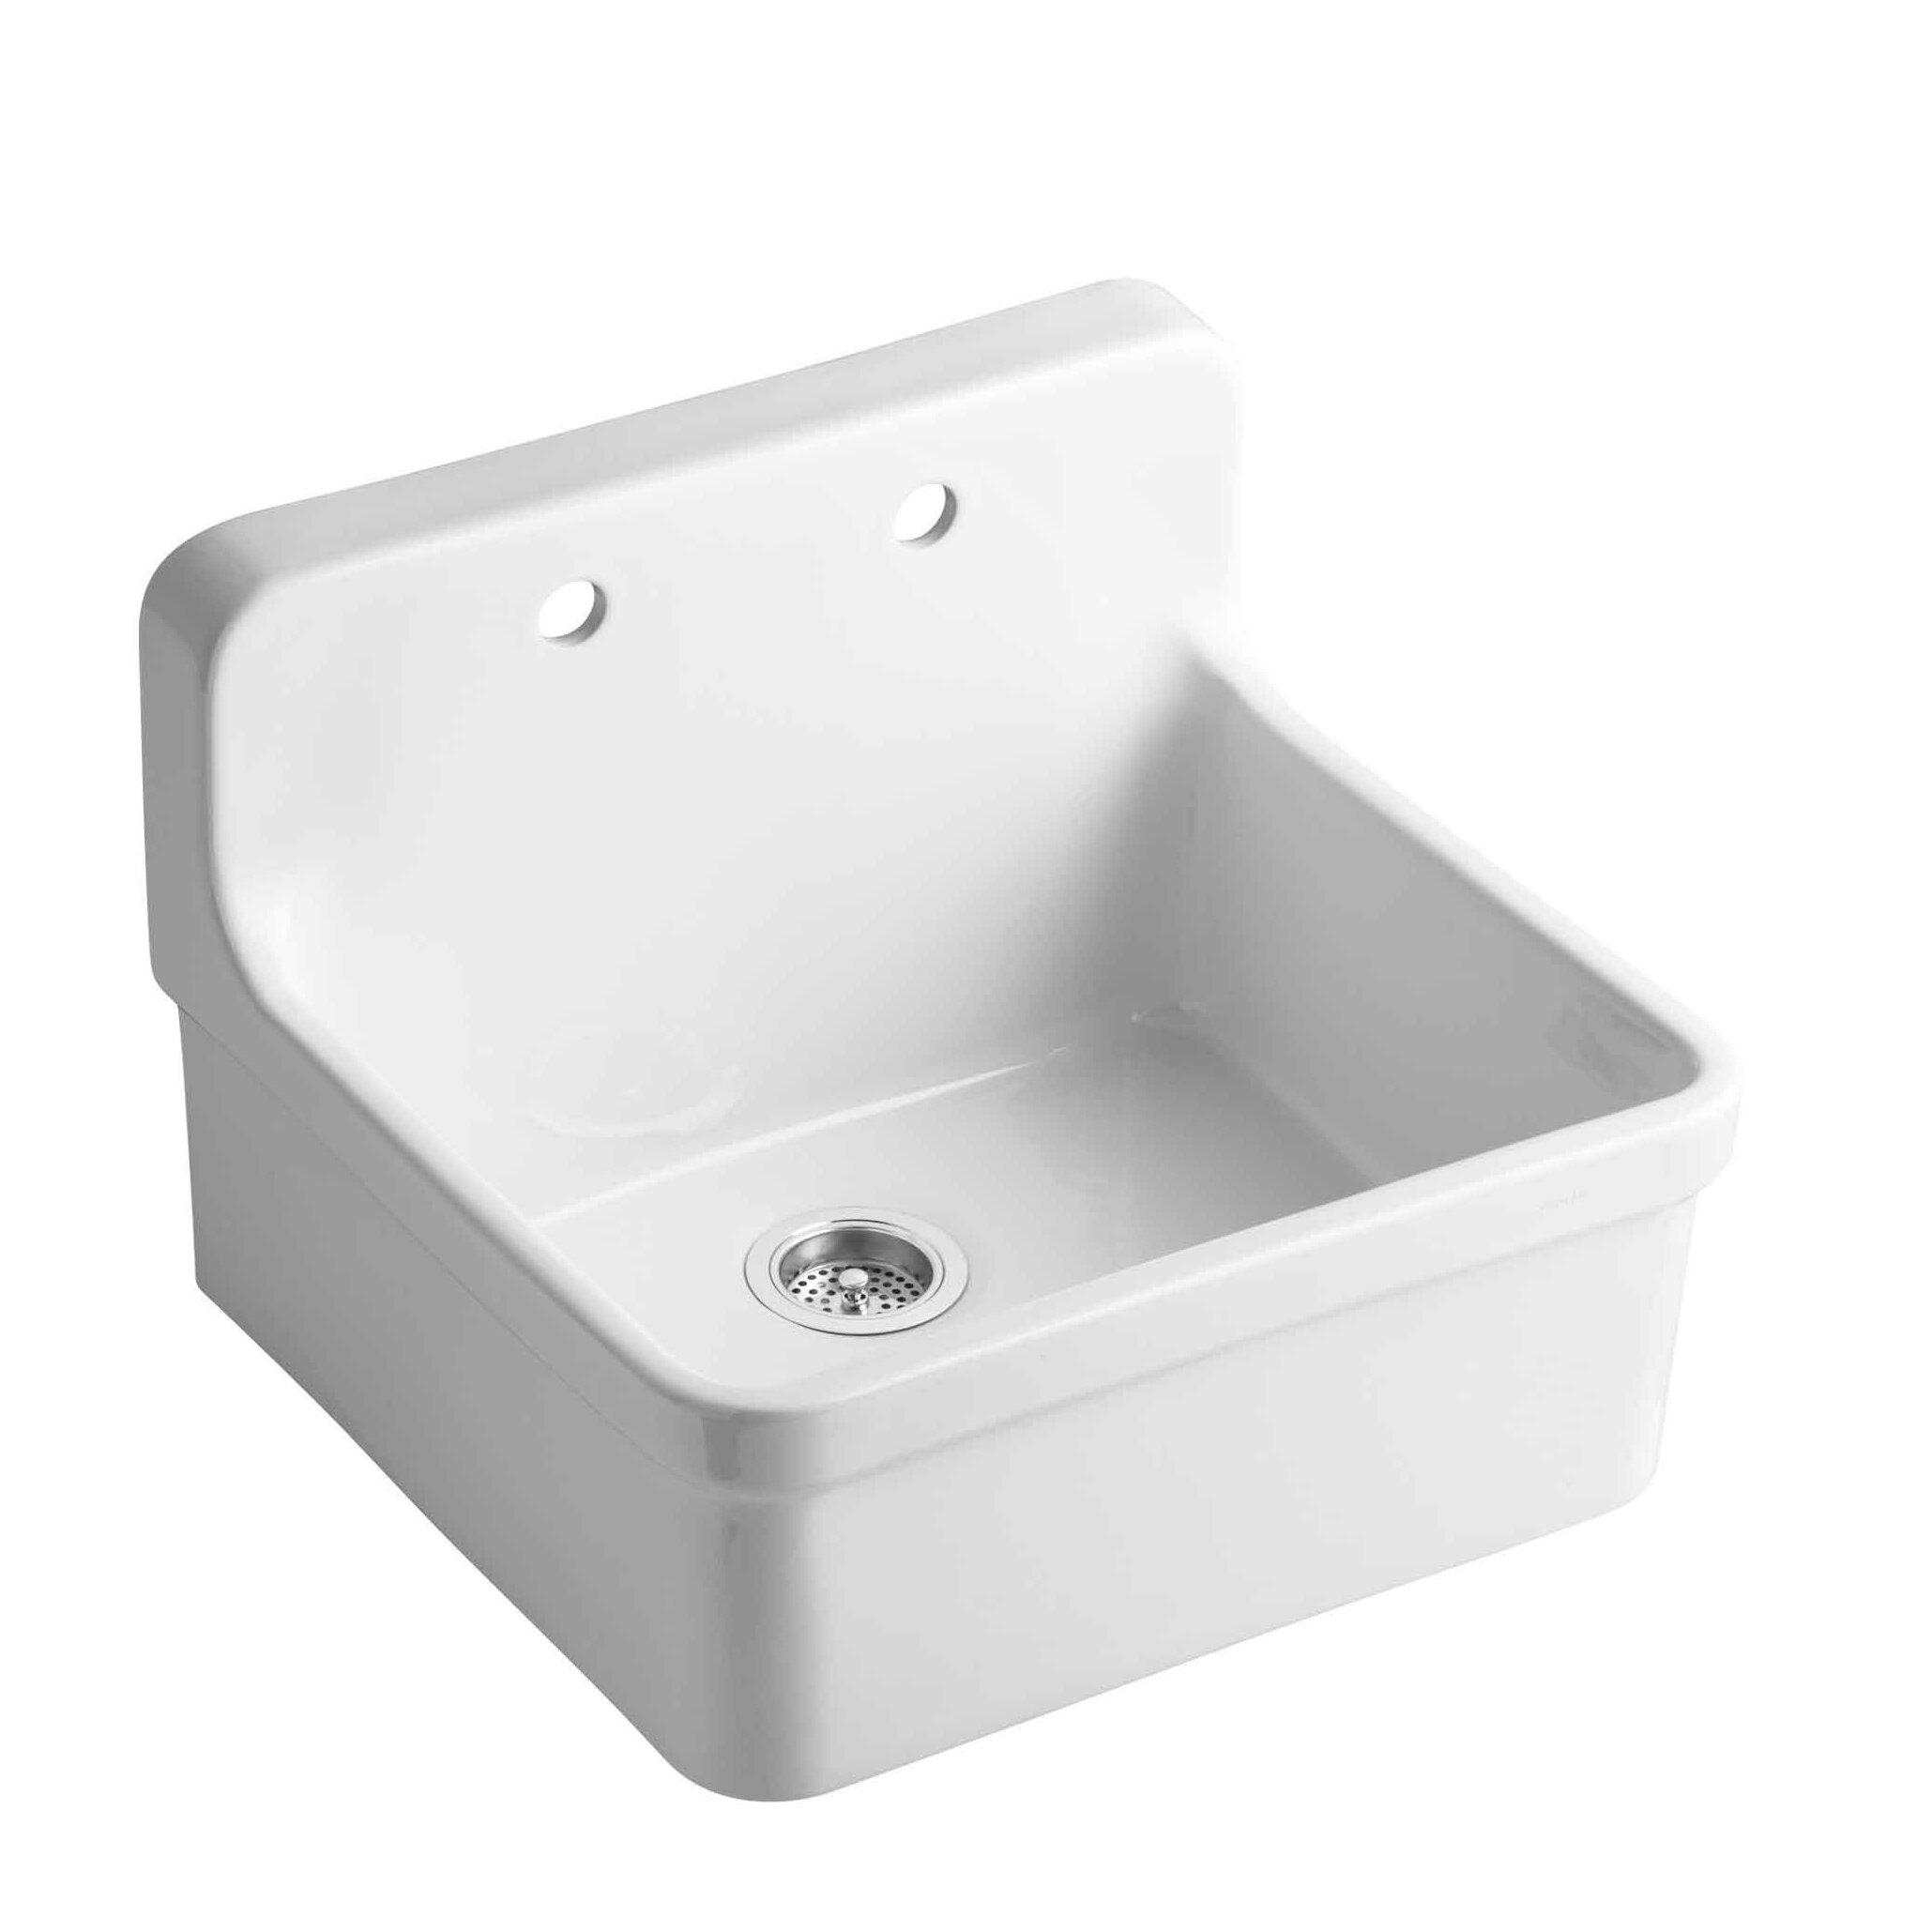 9 1//2 Round Internal Floor Sink Strainer Basket Drain-Net